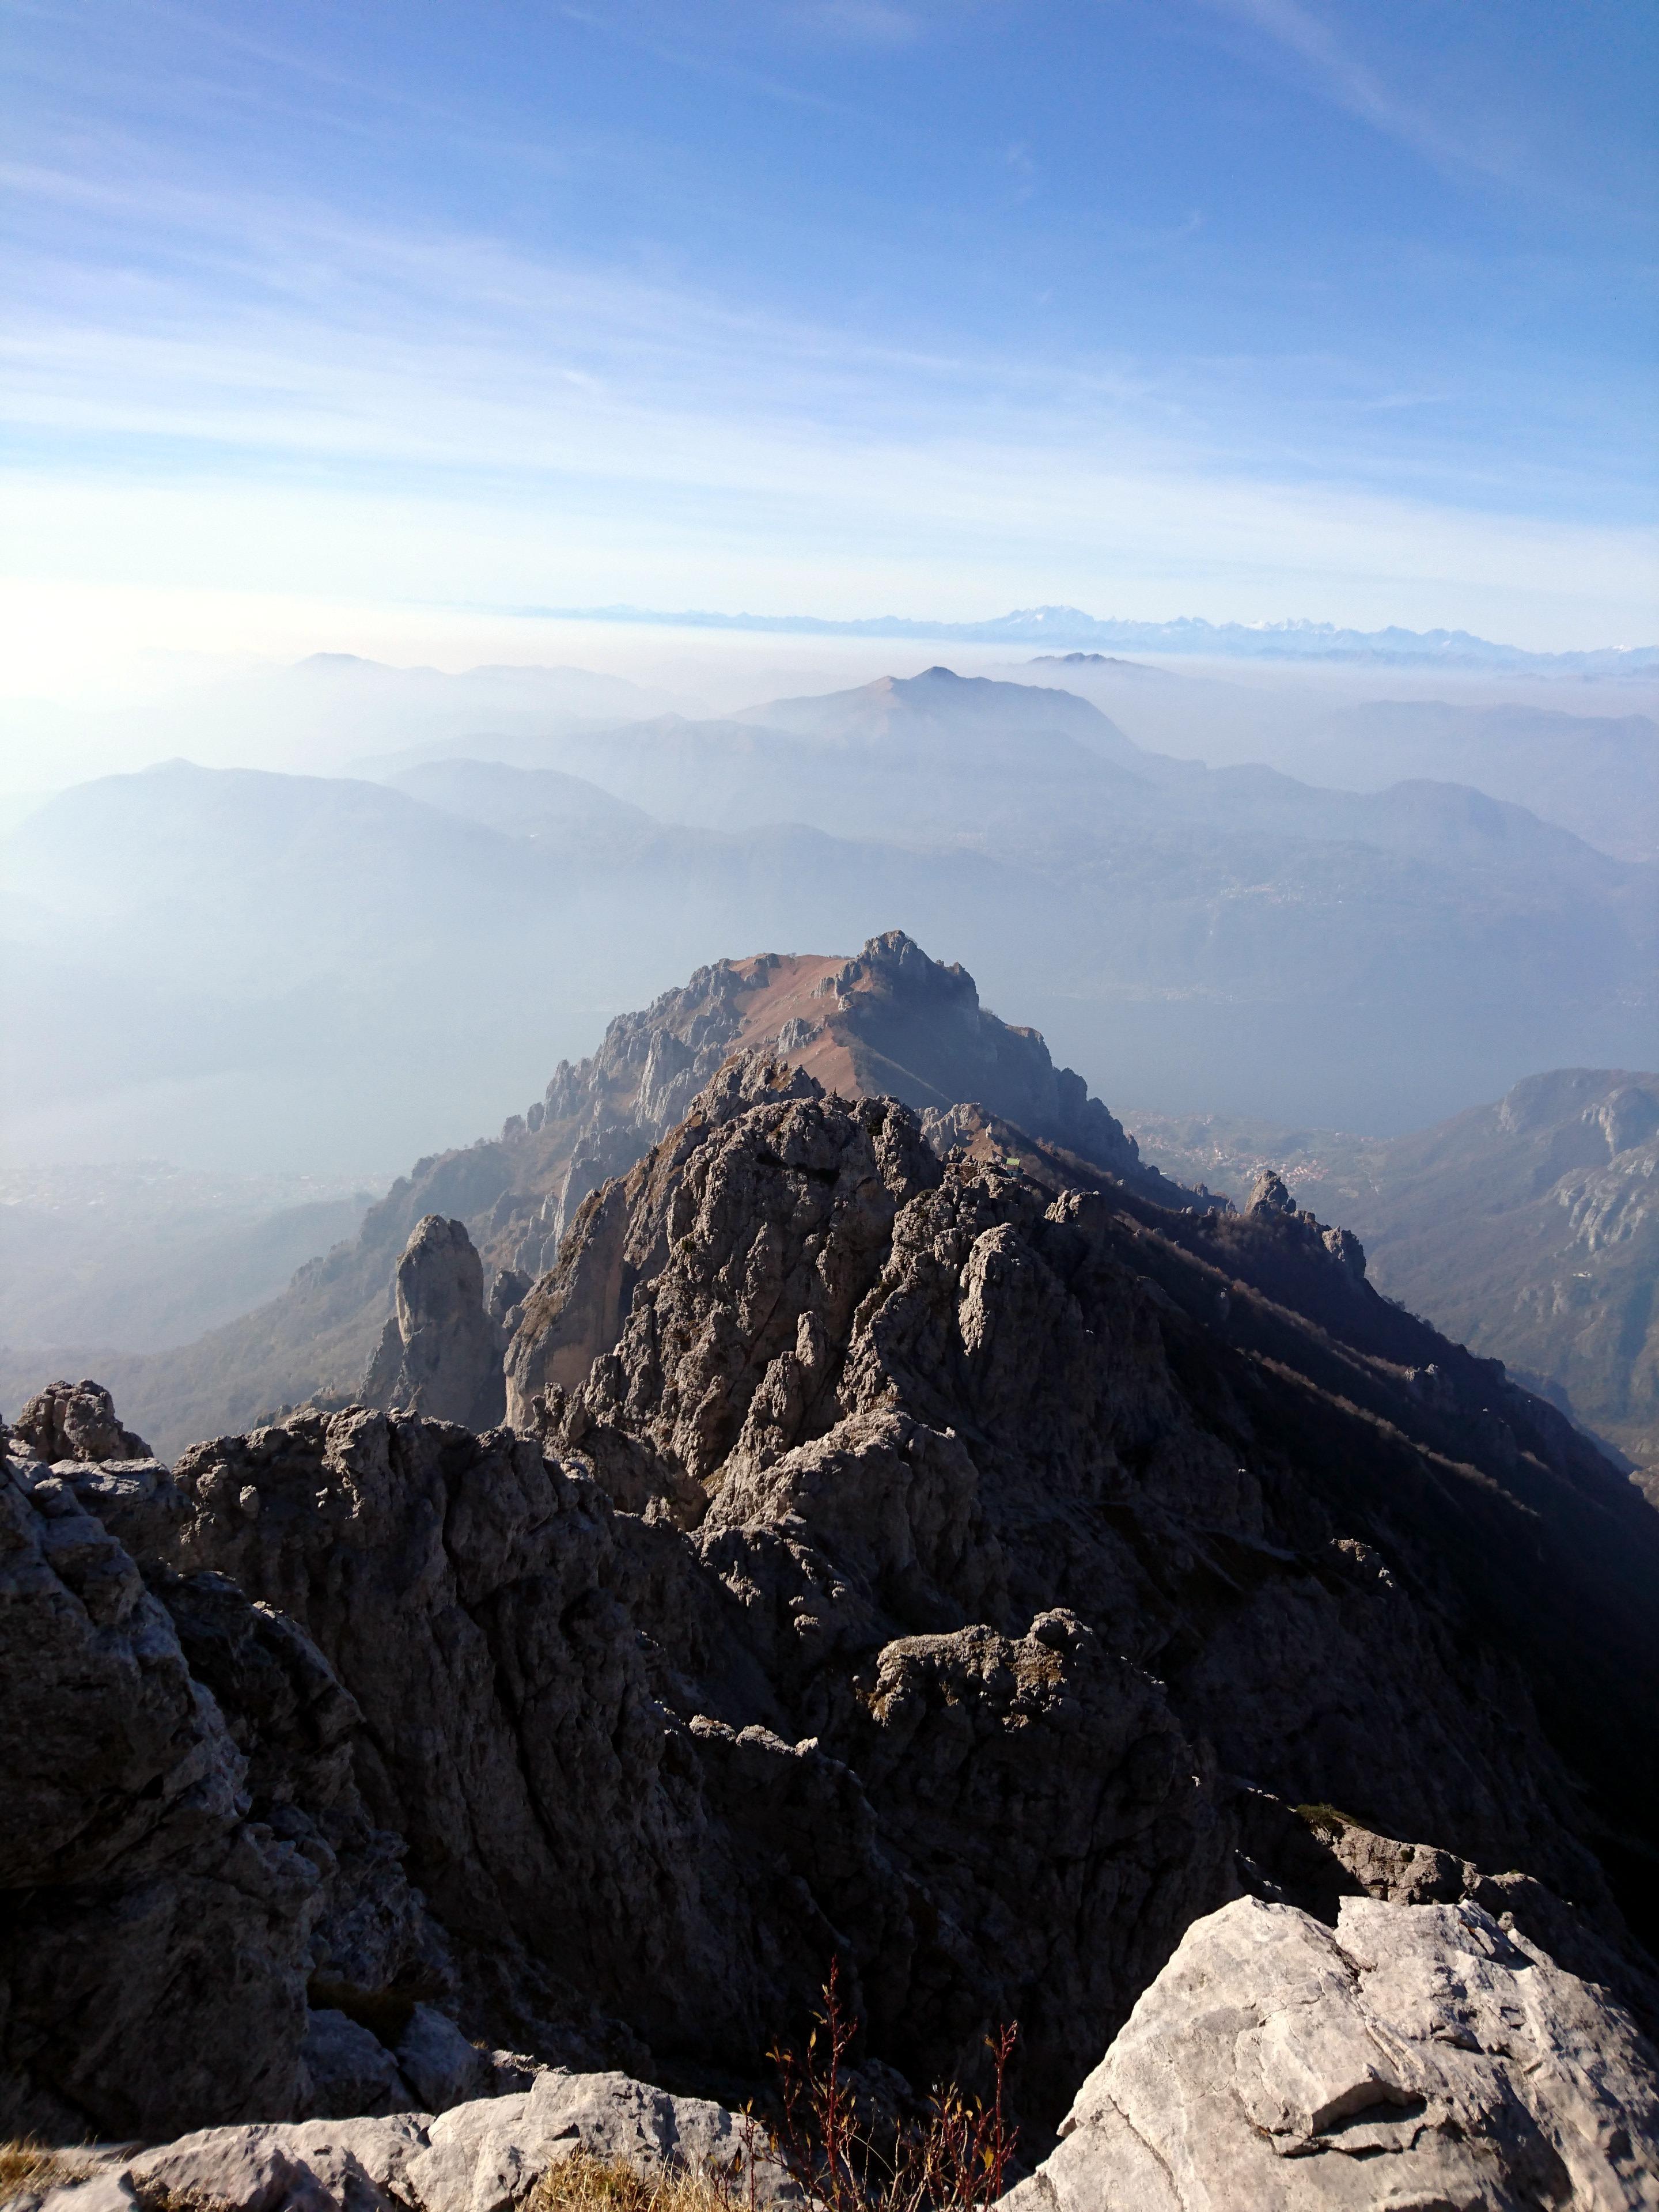 la cresta sino a qui percorsa: lontano lontano si vede il Rosalba